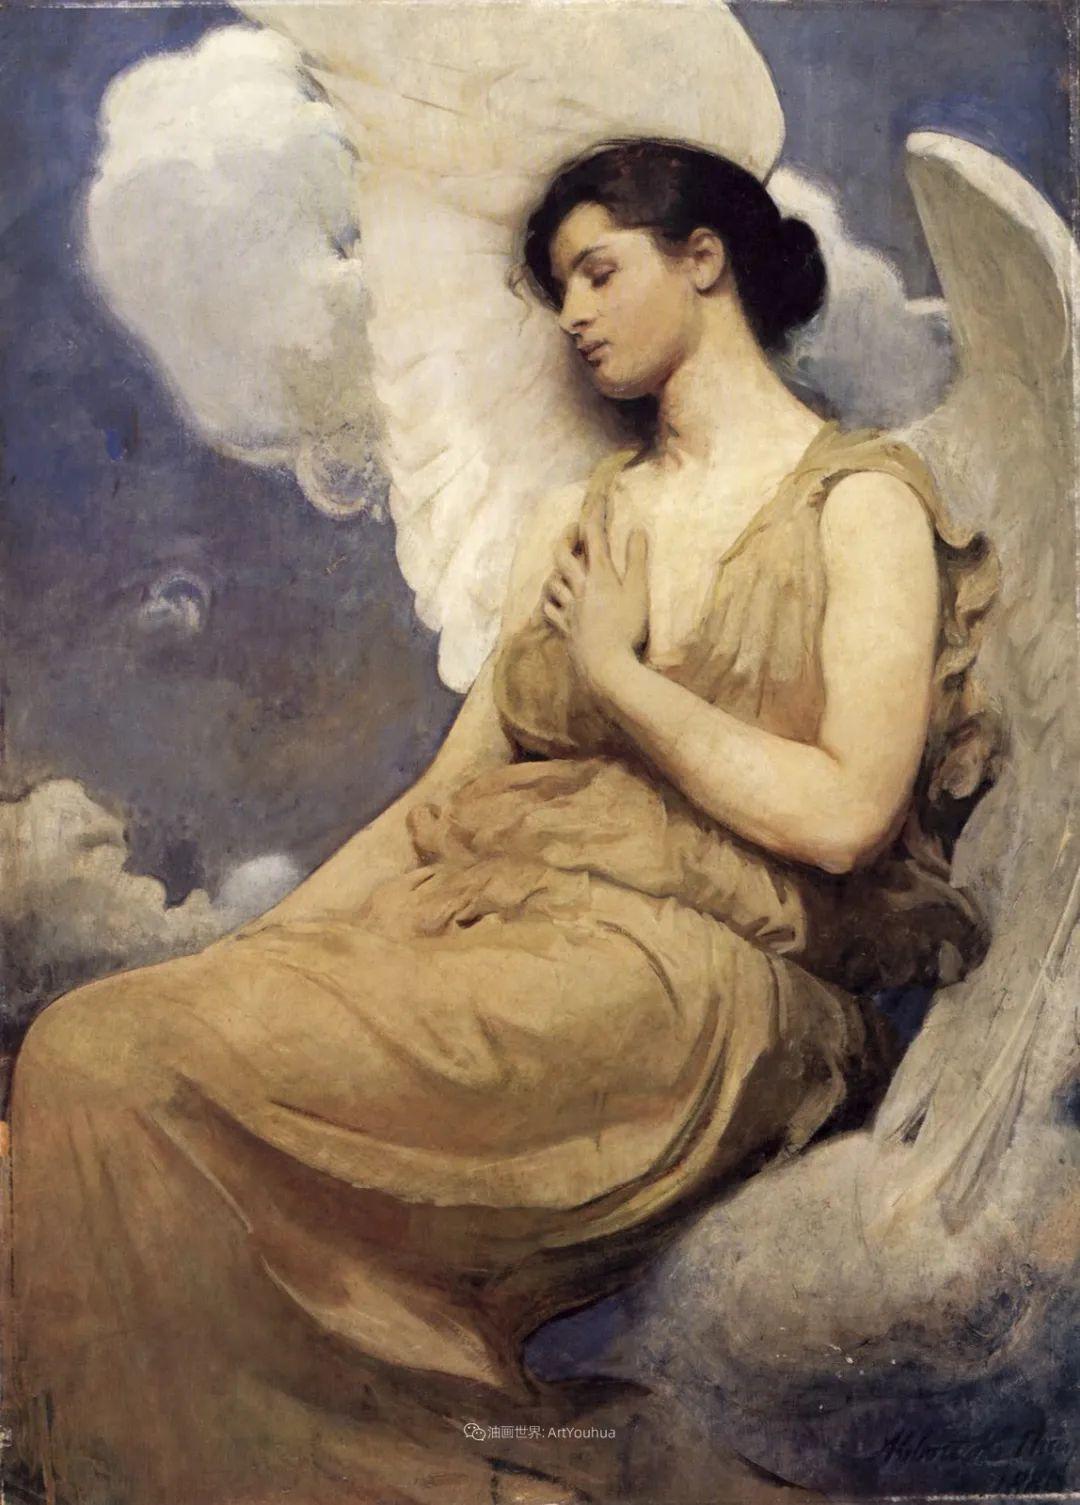 空灵的天使,精美绝伦!插图35